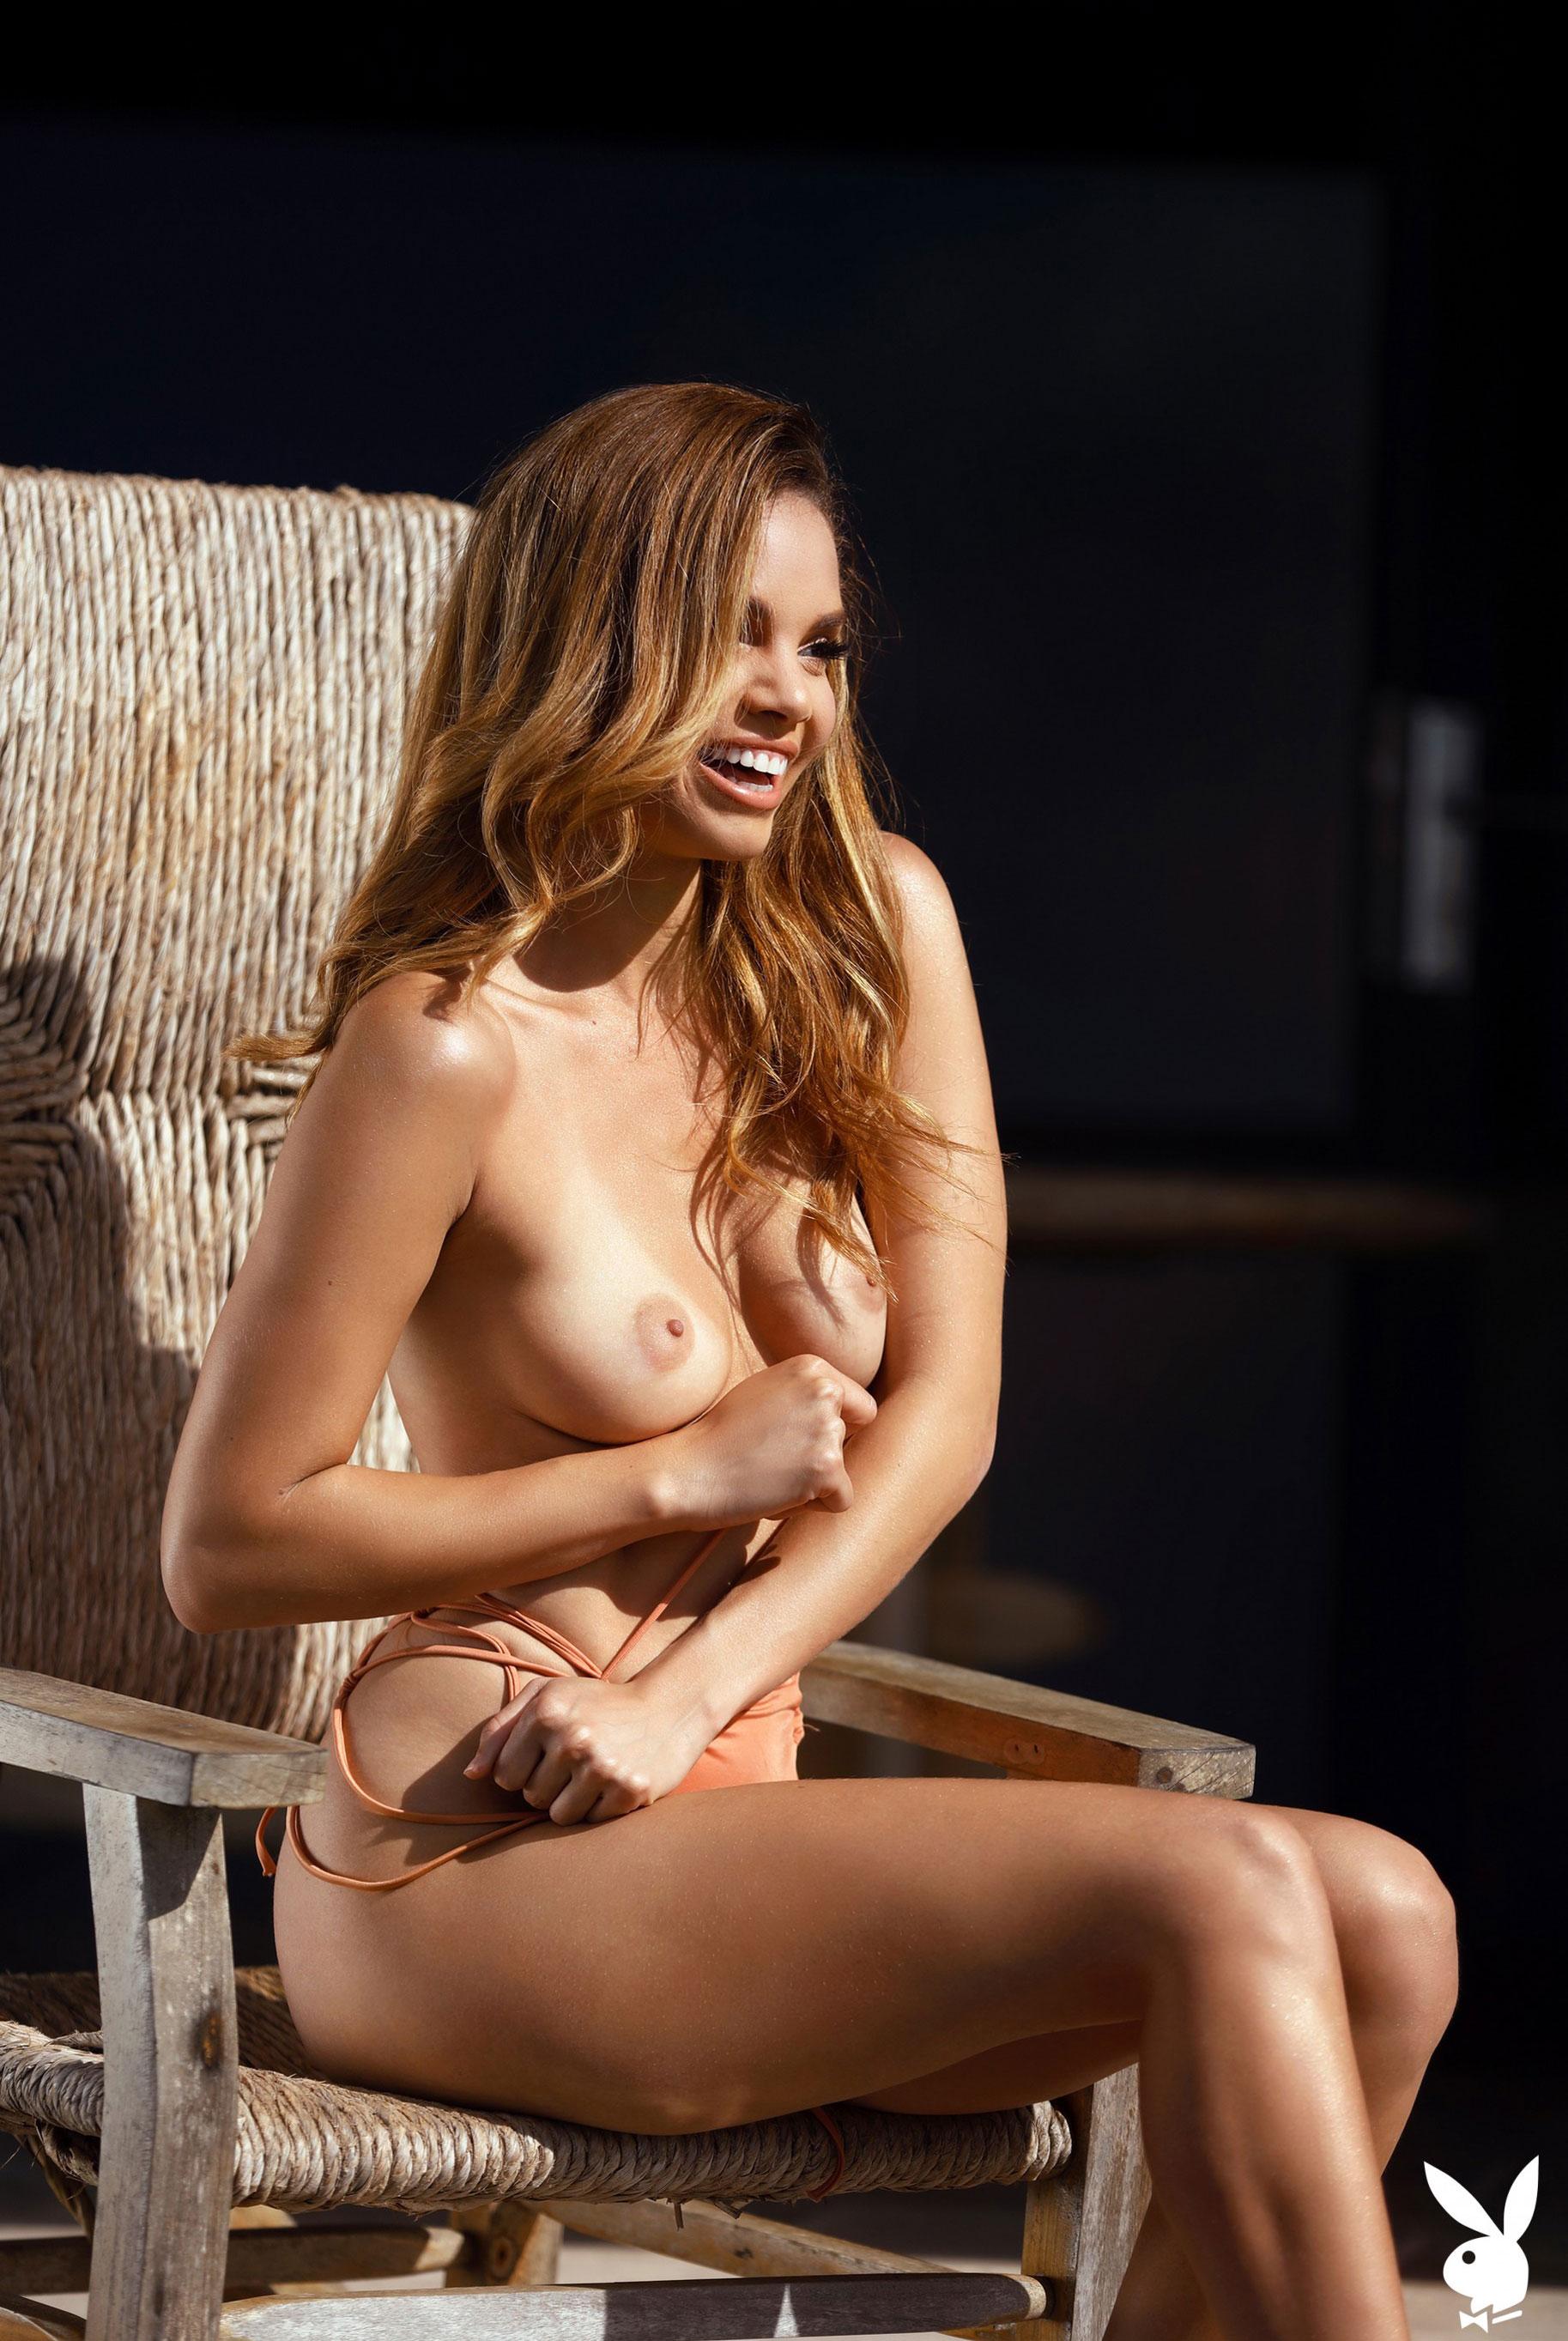 Мисс Июнь 2019 американского Playboy Йоли Лара / фото 35